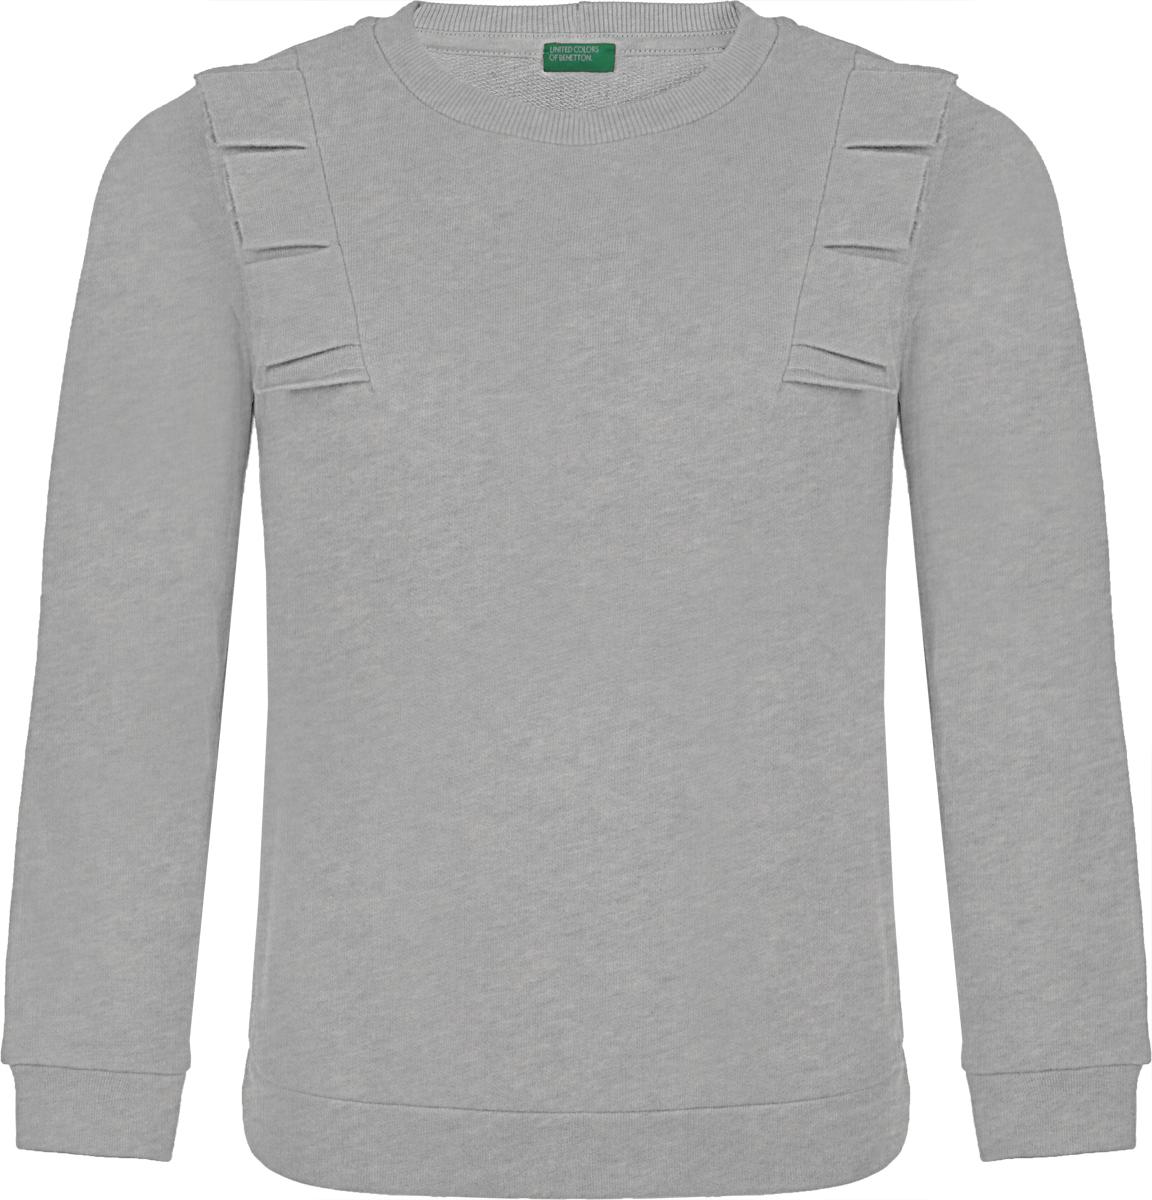 Джемпер для девочки United Colors of Benetton, цвет: серый. 3J68C13YH_501. Размер L (140)